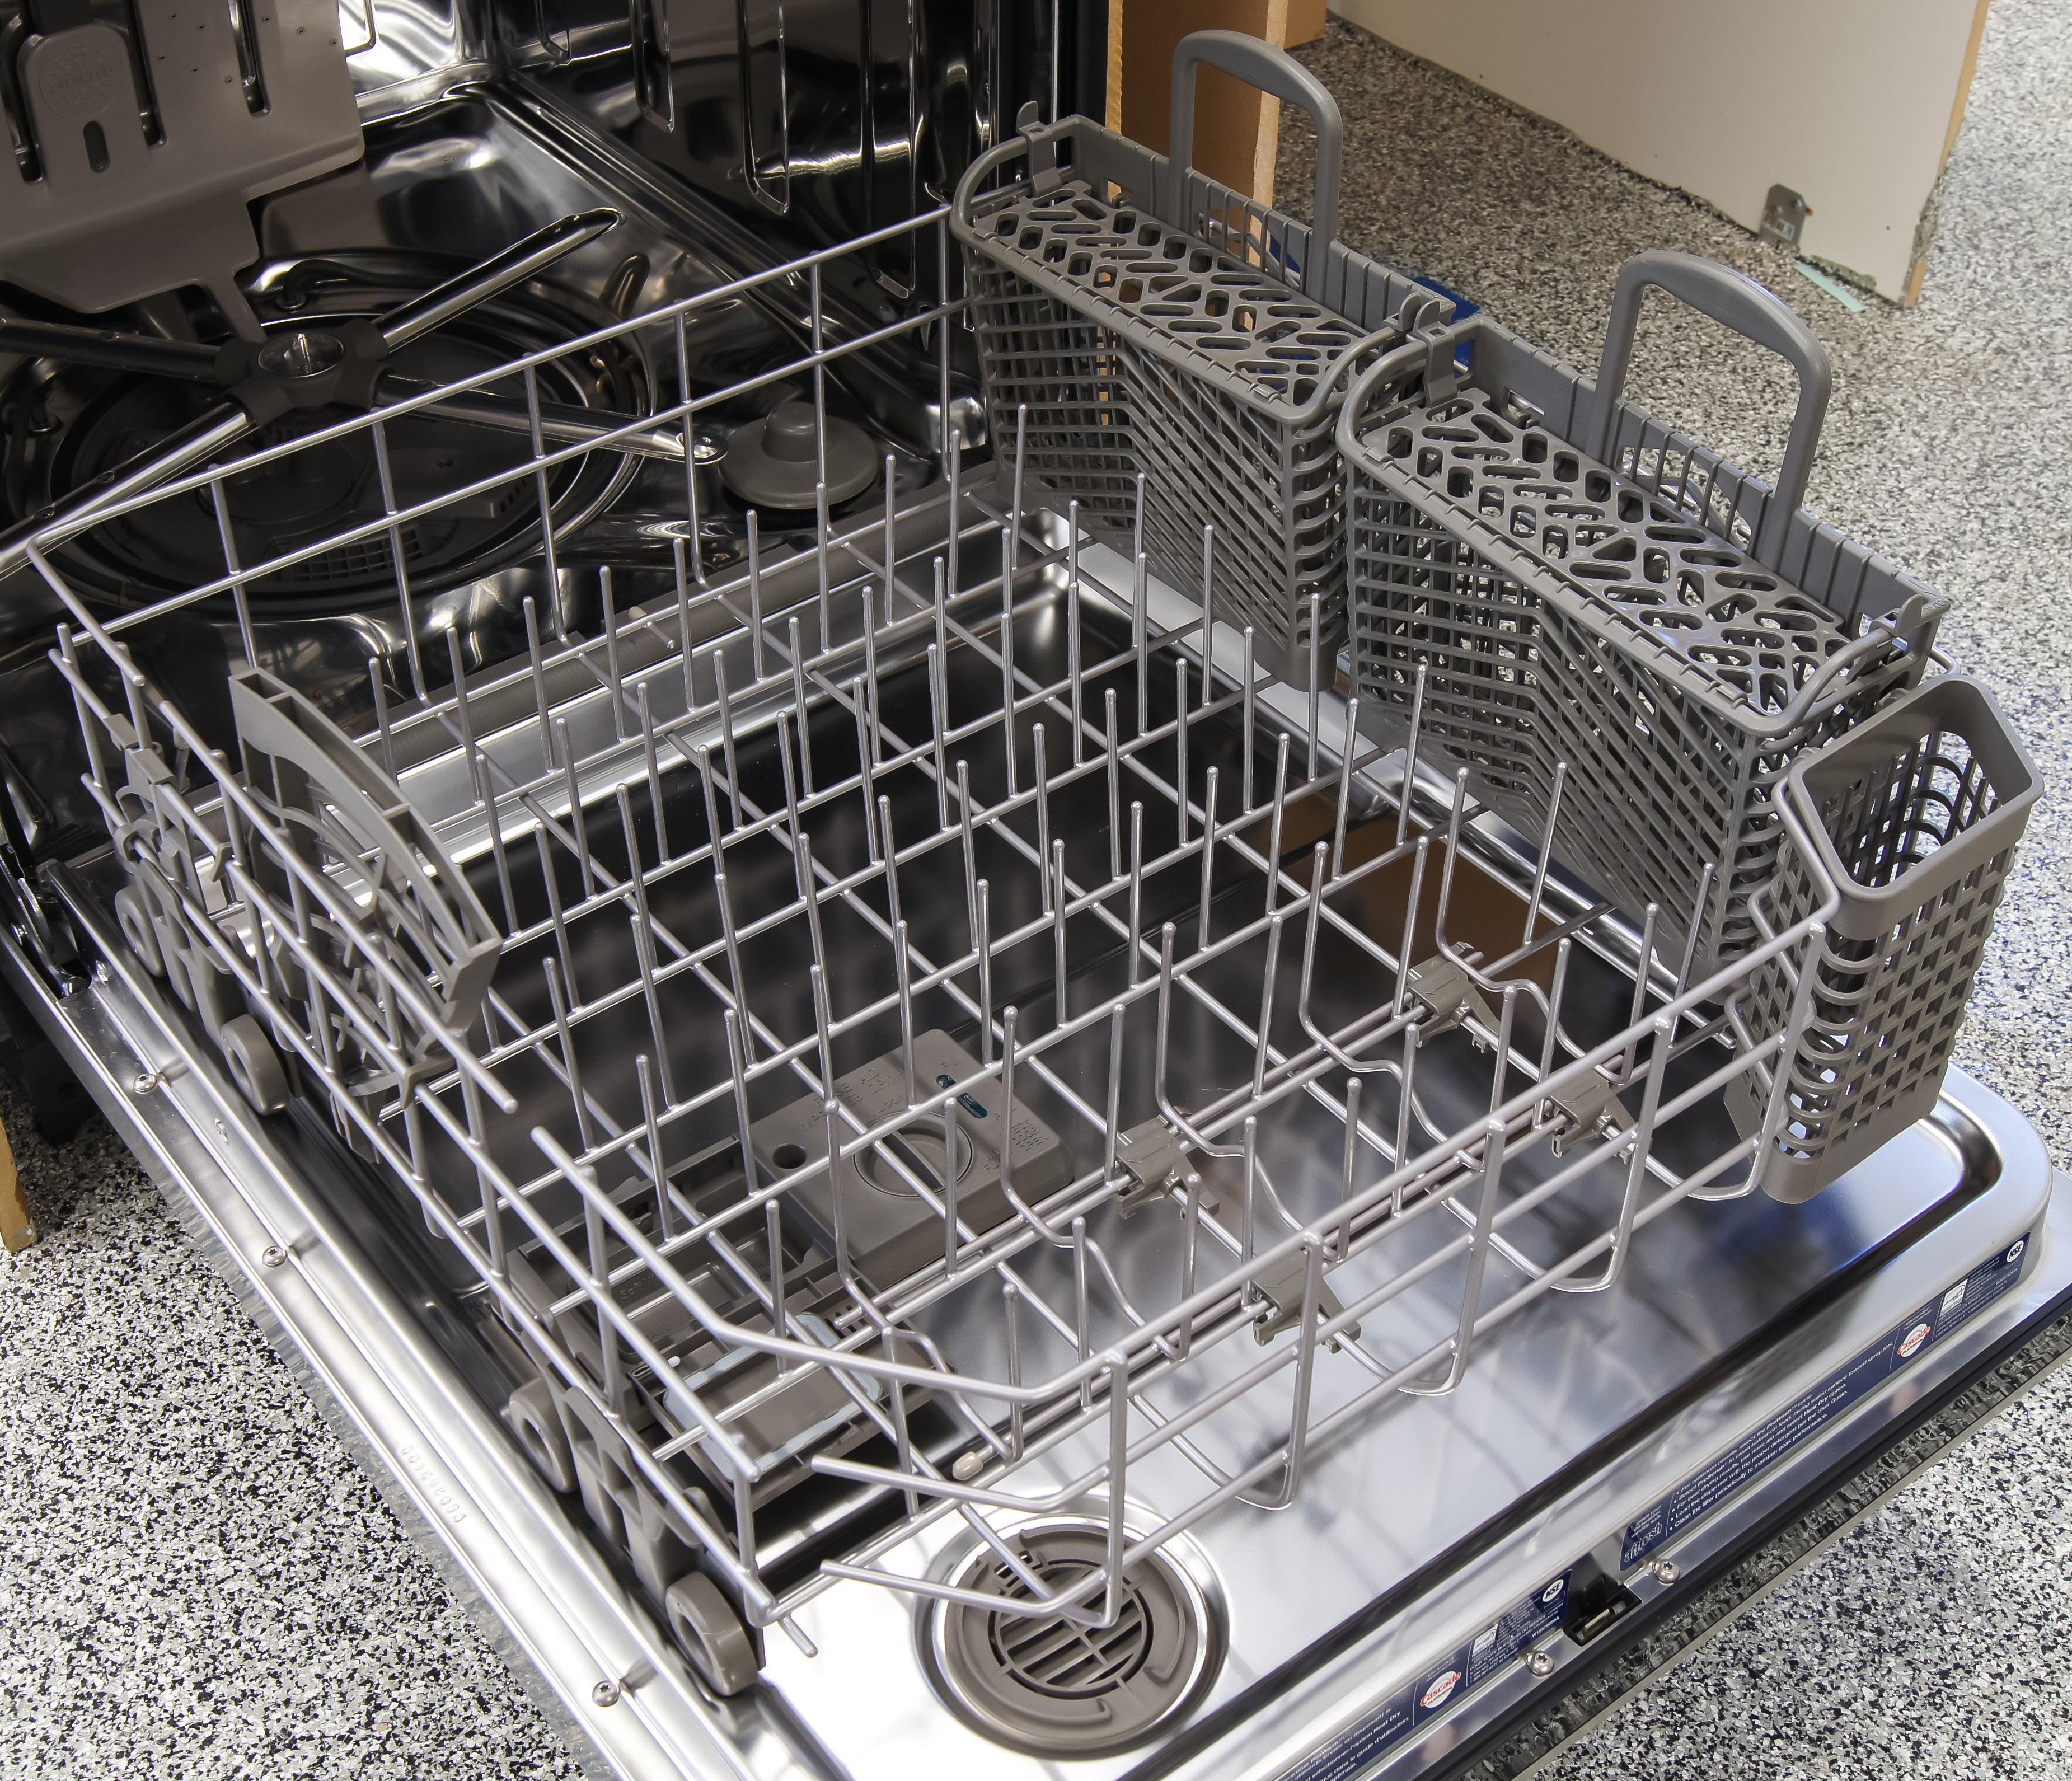 KitchenAid KDTM354DSS bottom rack